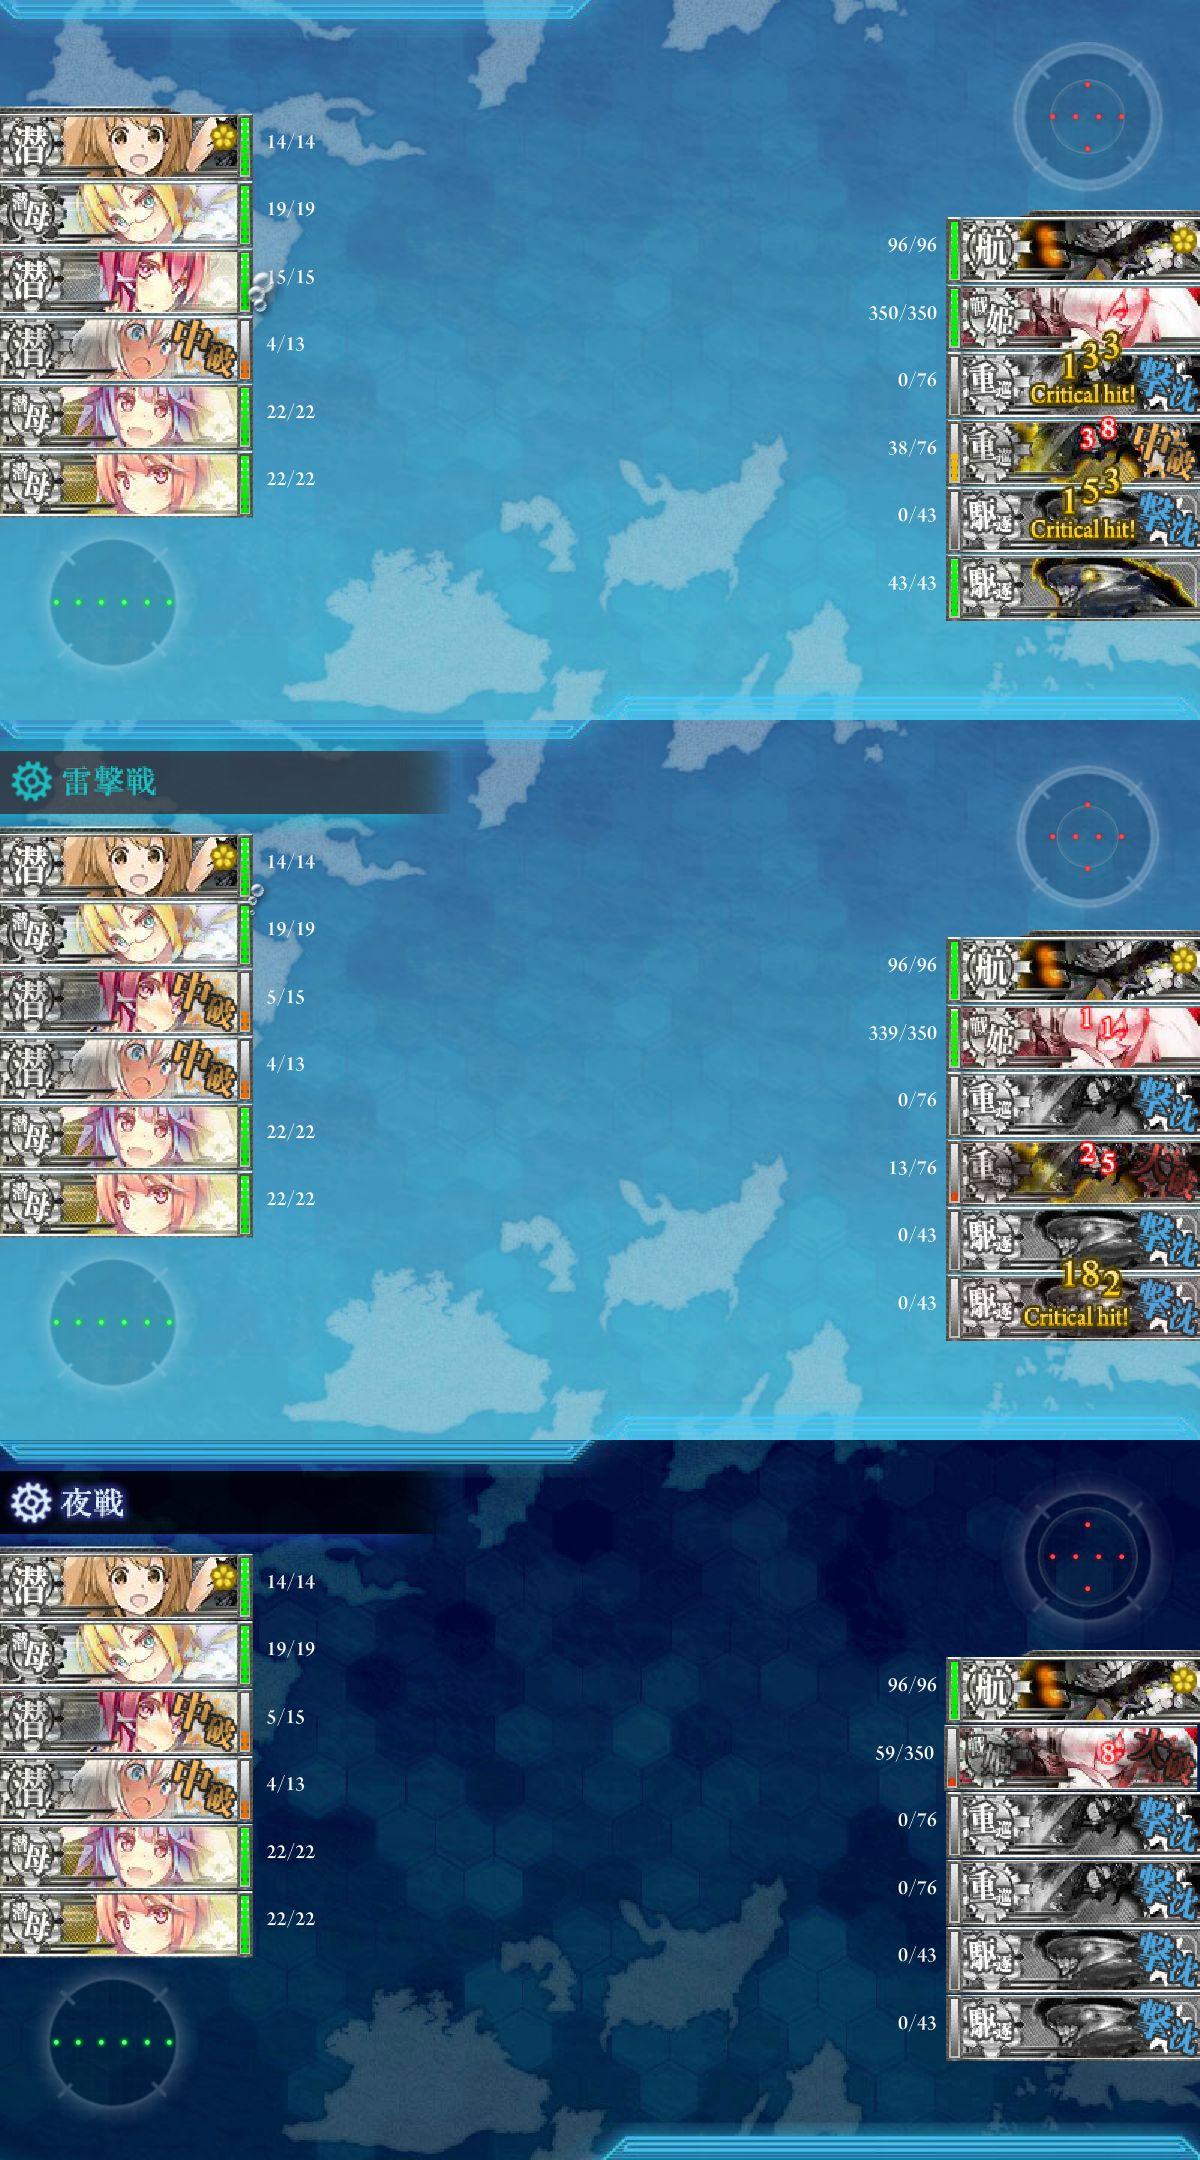 ねこさんなのです : 猫敷波&5-3潜水艦隊「夜間突入!敵上陸 ...